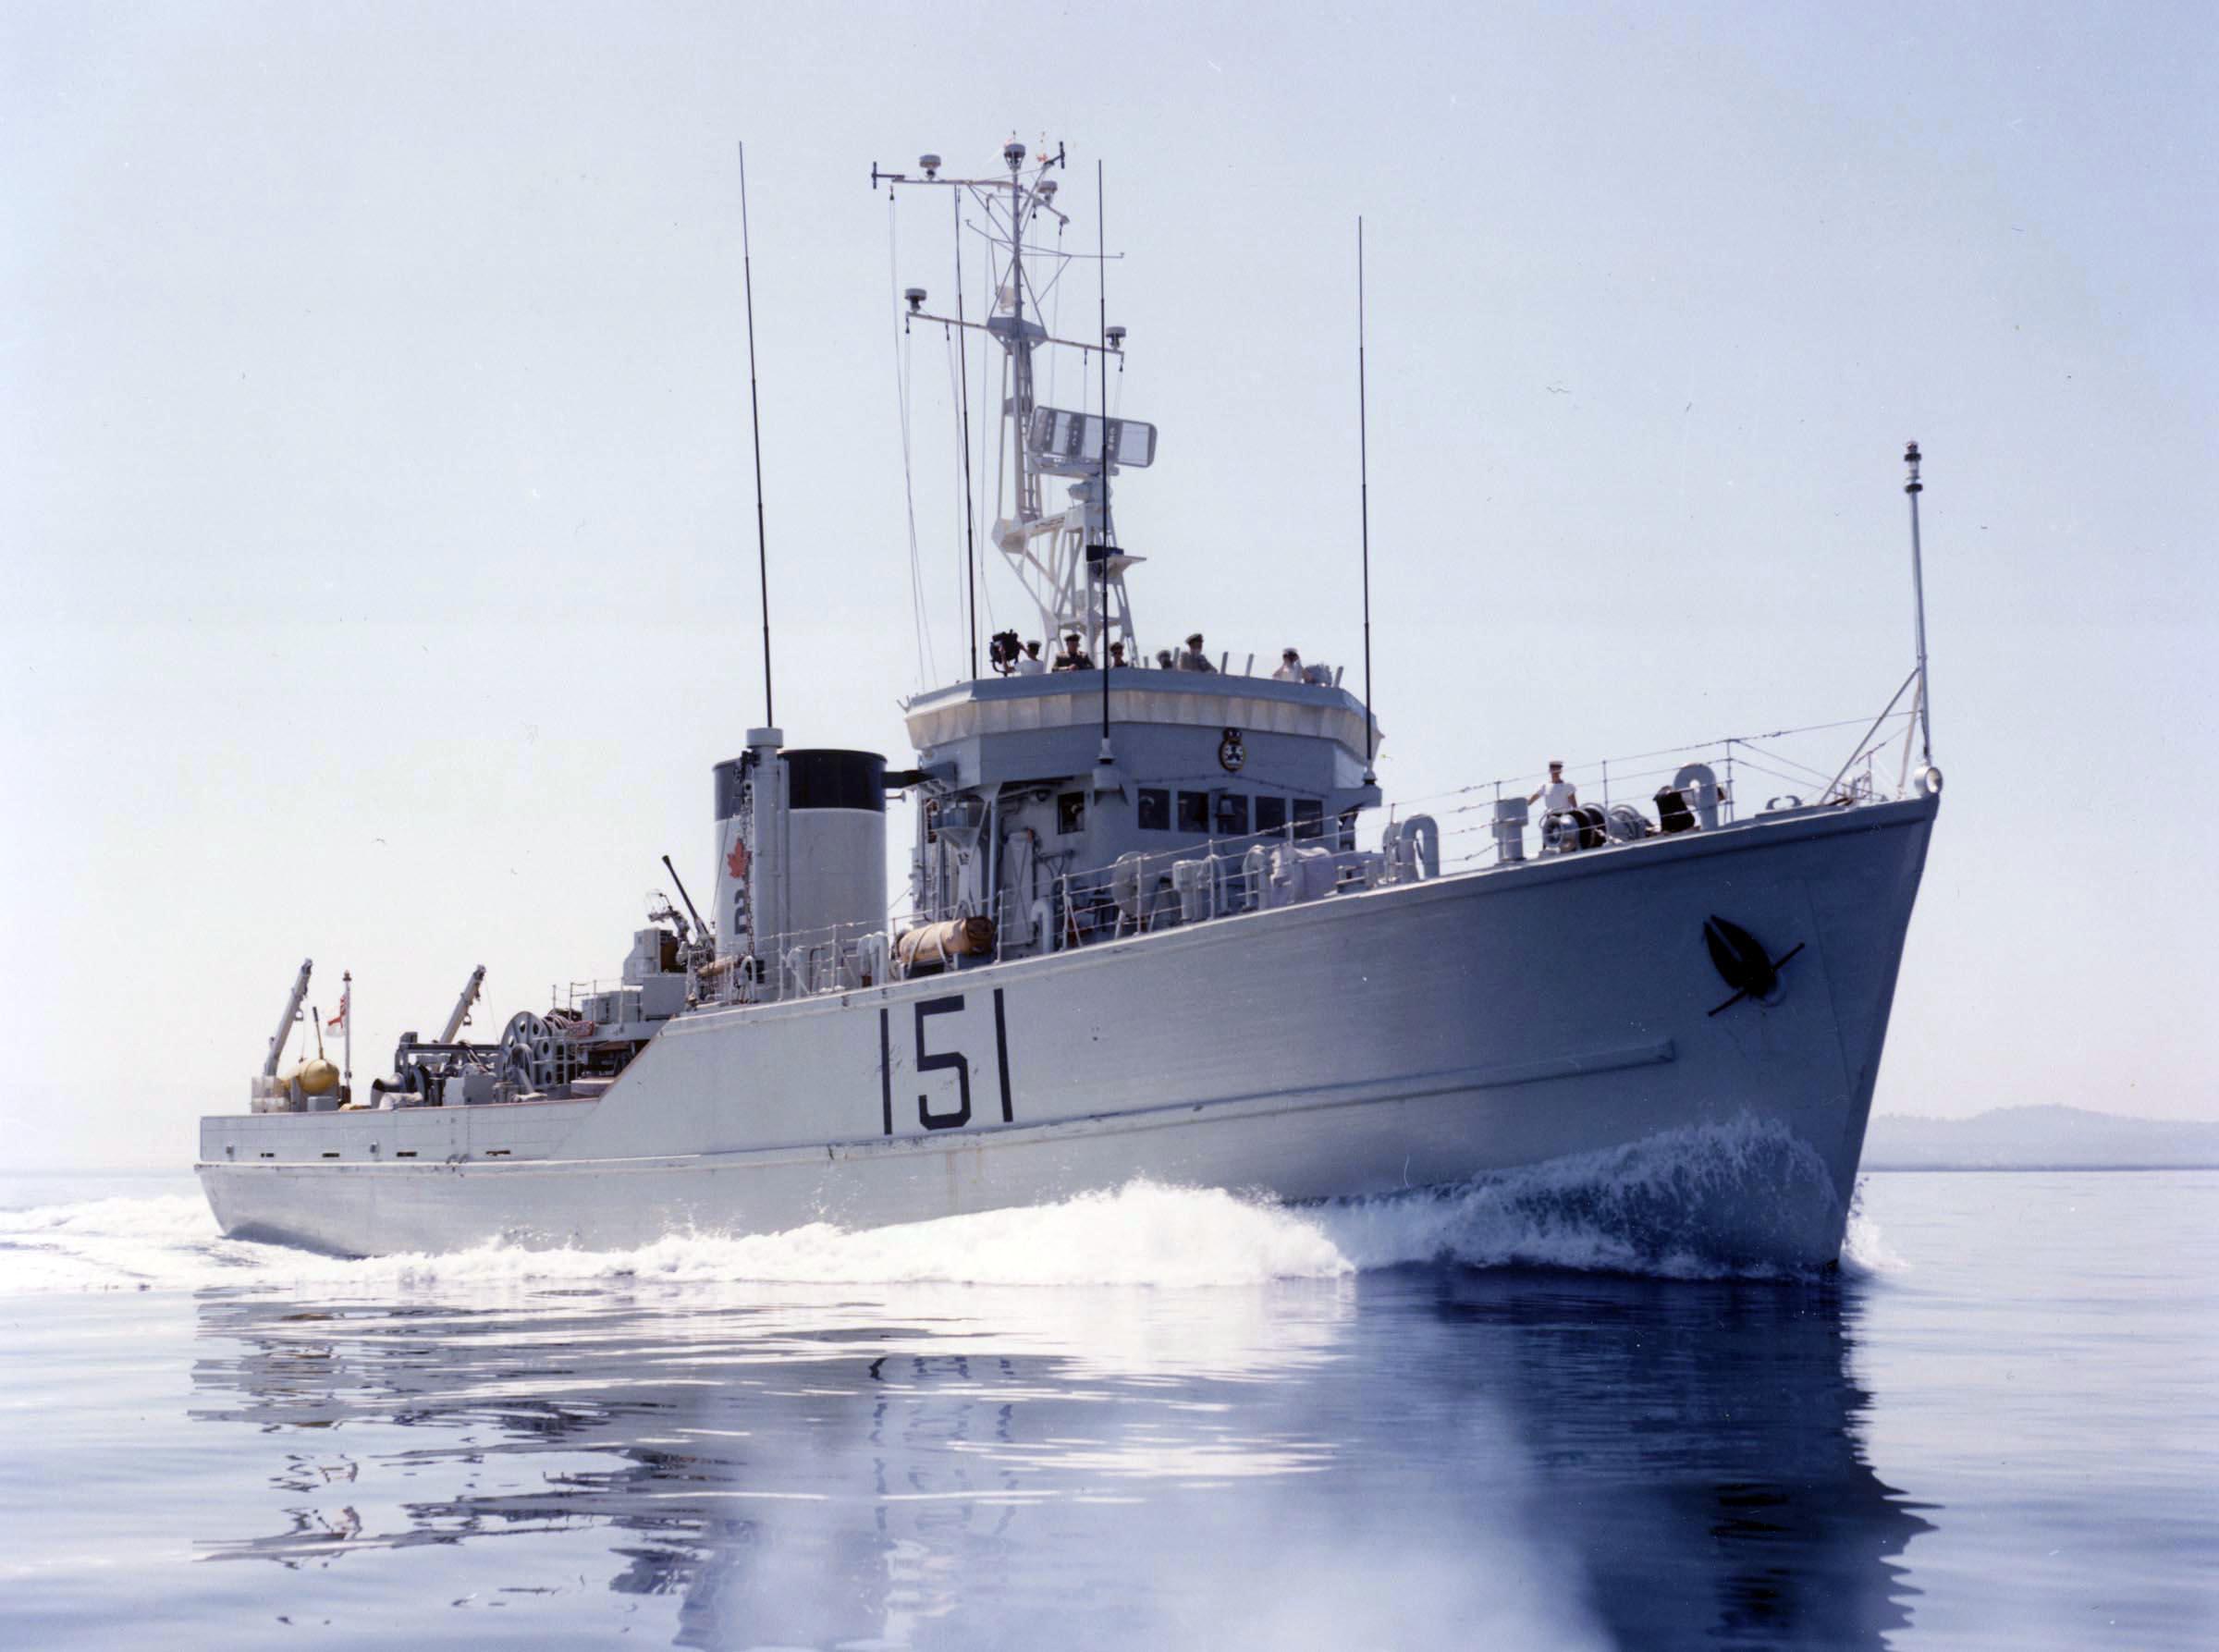 HMCS FORTUNE